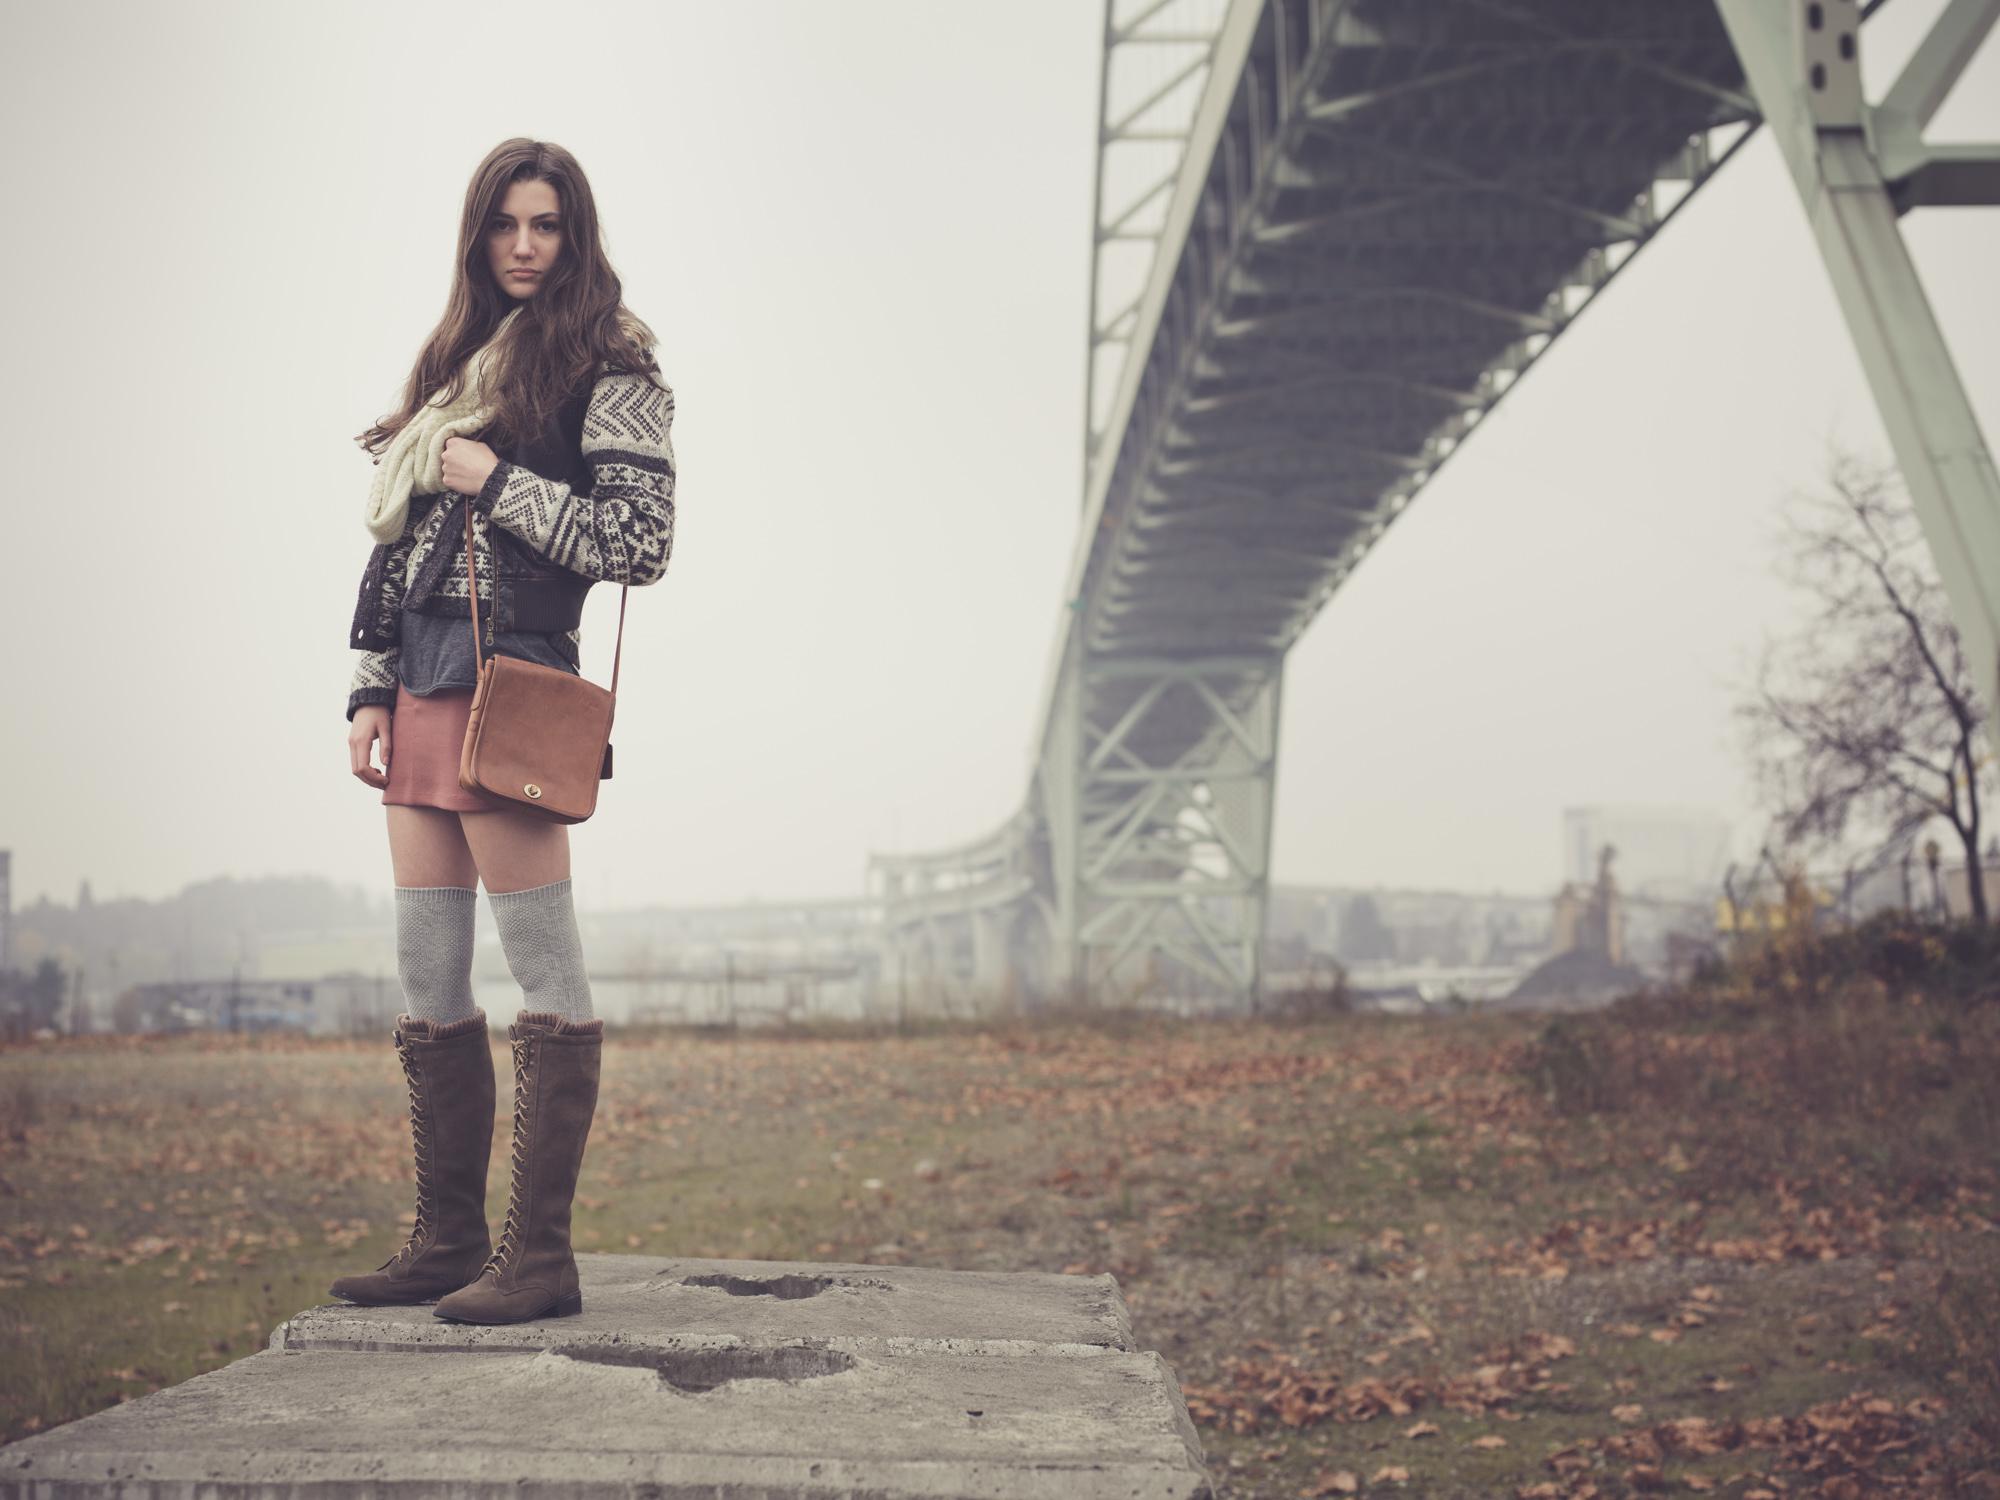 matt_d'annunzio_fashion_lifestyle-4.jpg